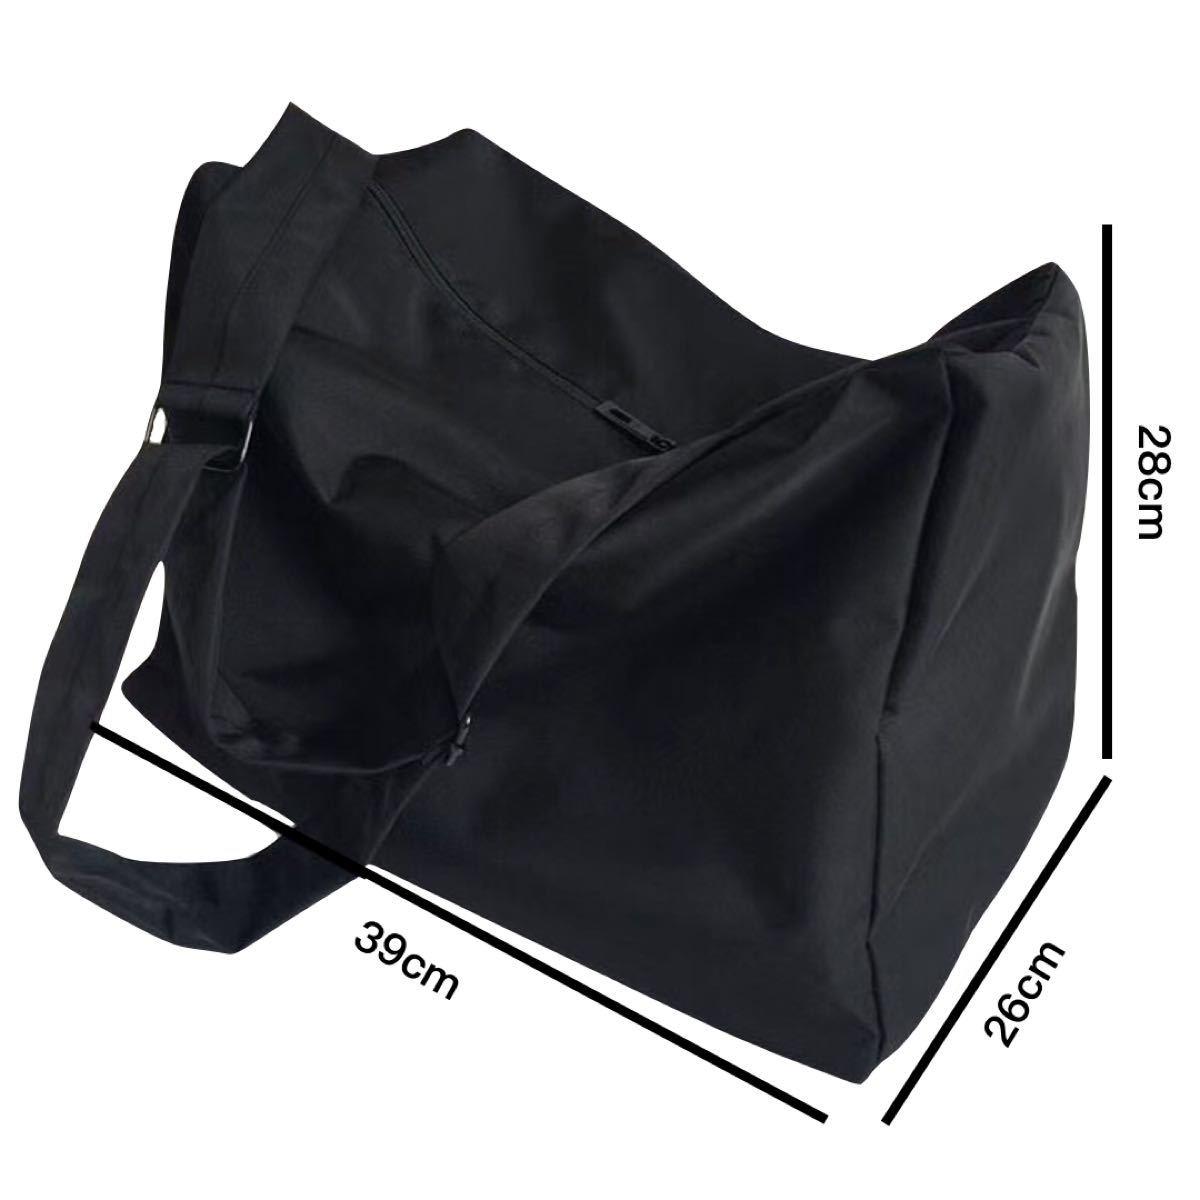 メッセンジャーバッグ ショルダーバッグ レディース 大容量 大きめ トートバッグ シンプル無地 トラベルバッグ エコバッグ男女兼用